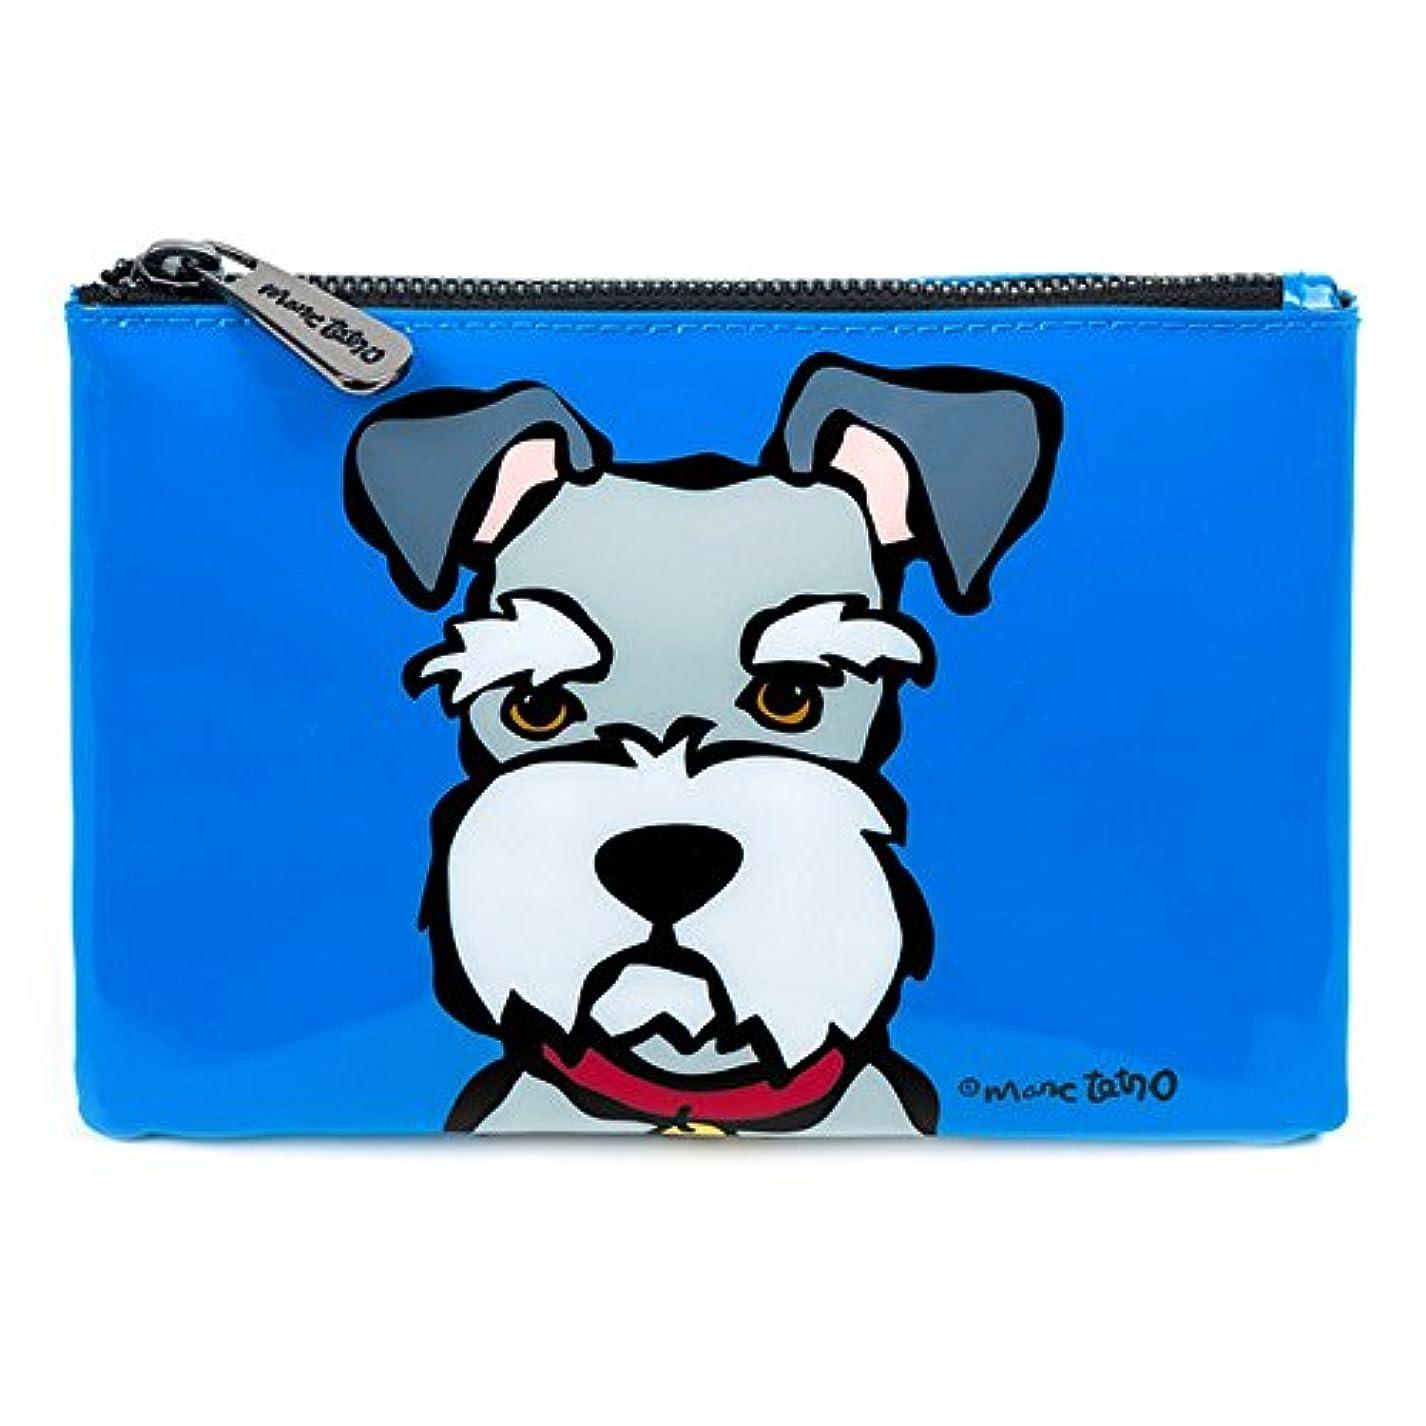 検出うるさい衛星シュナウザー コスメバッグ 防水PVC ファスナー式 化粧ポーチ 小物入れ 13.5cm x 19cm 犬デザイン ミニバッグ Cosmetic Bag